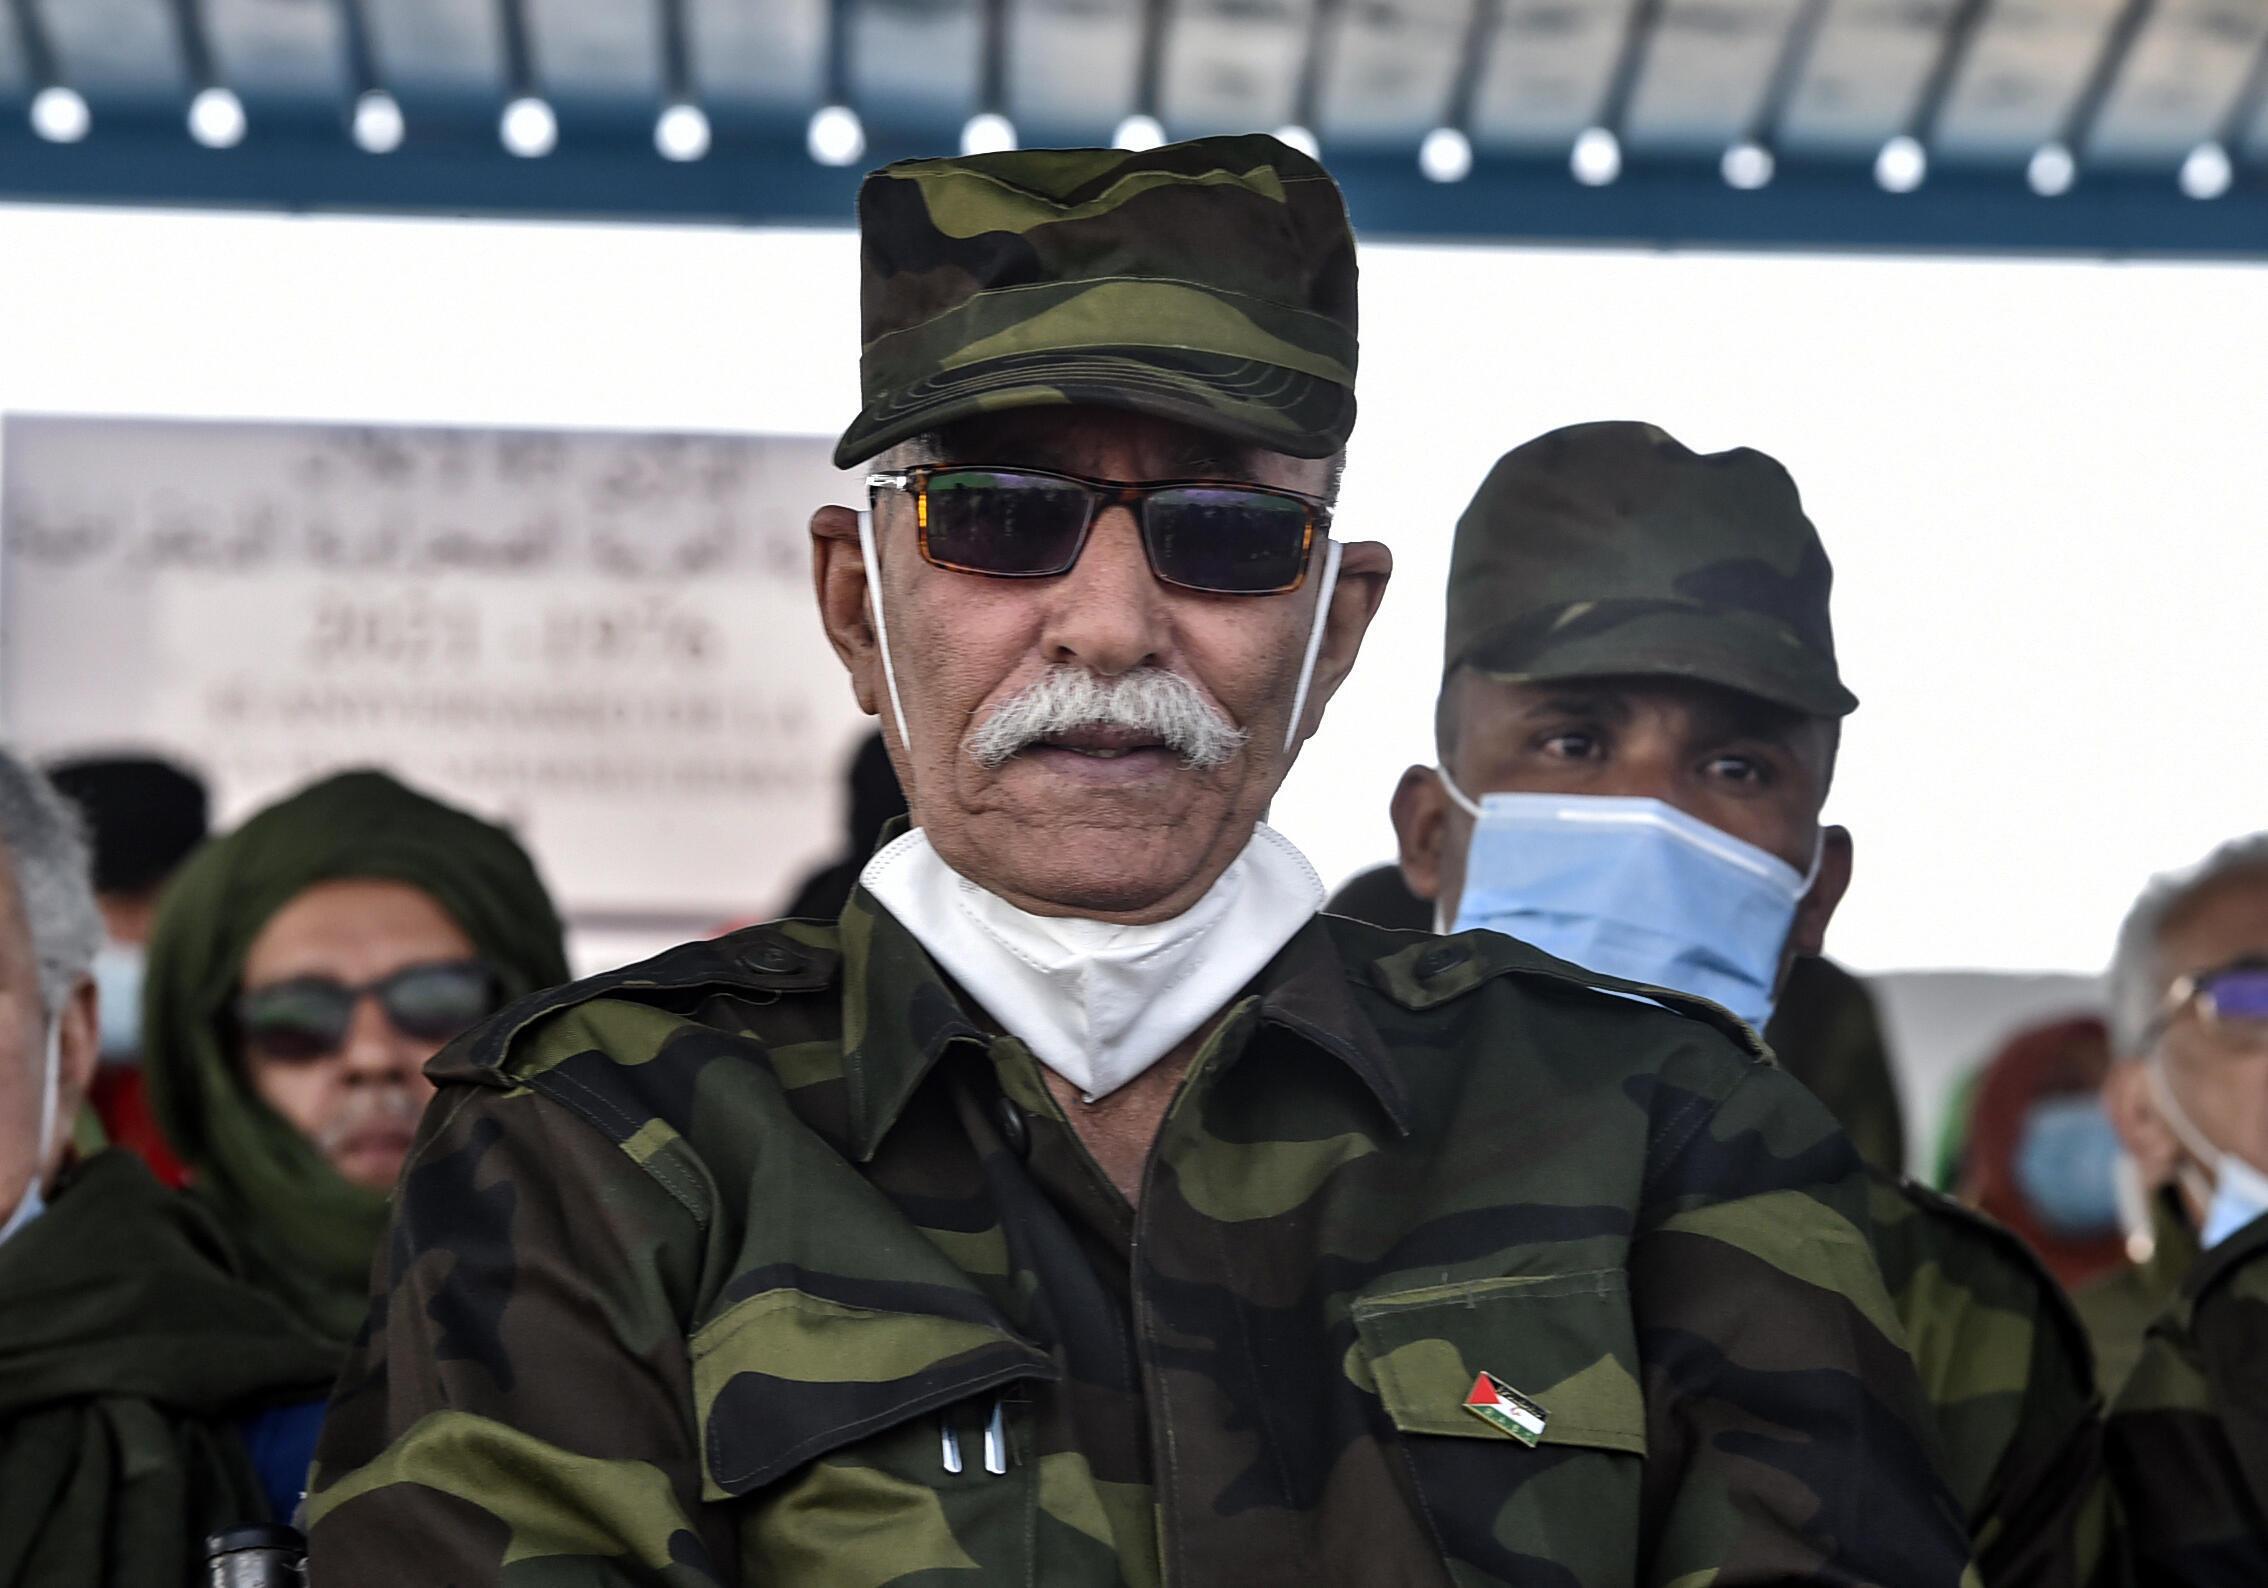 El líder del independentista Frente Polisario saharaui, Brahim Ghali, el 27 de febrero de 2021 en Tinduf, Argelia